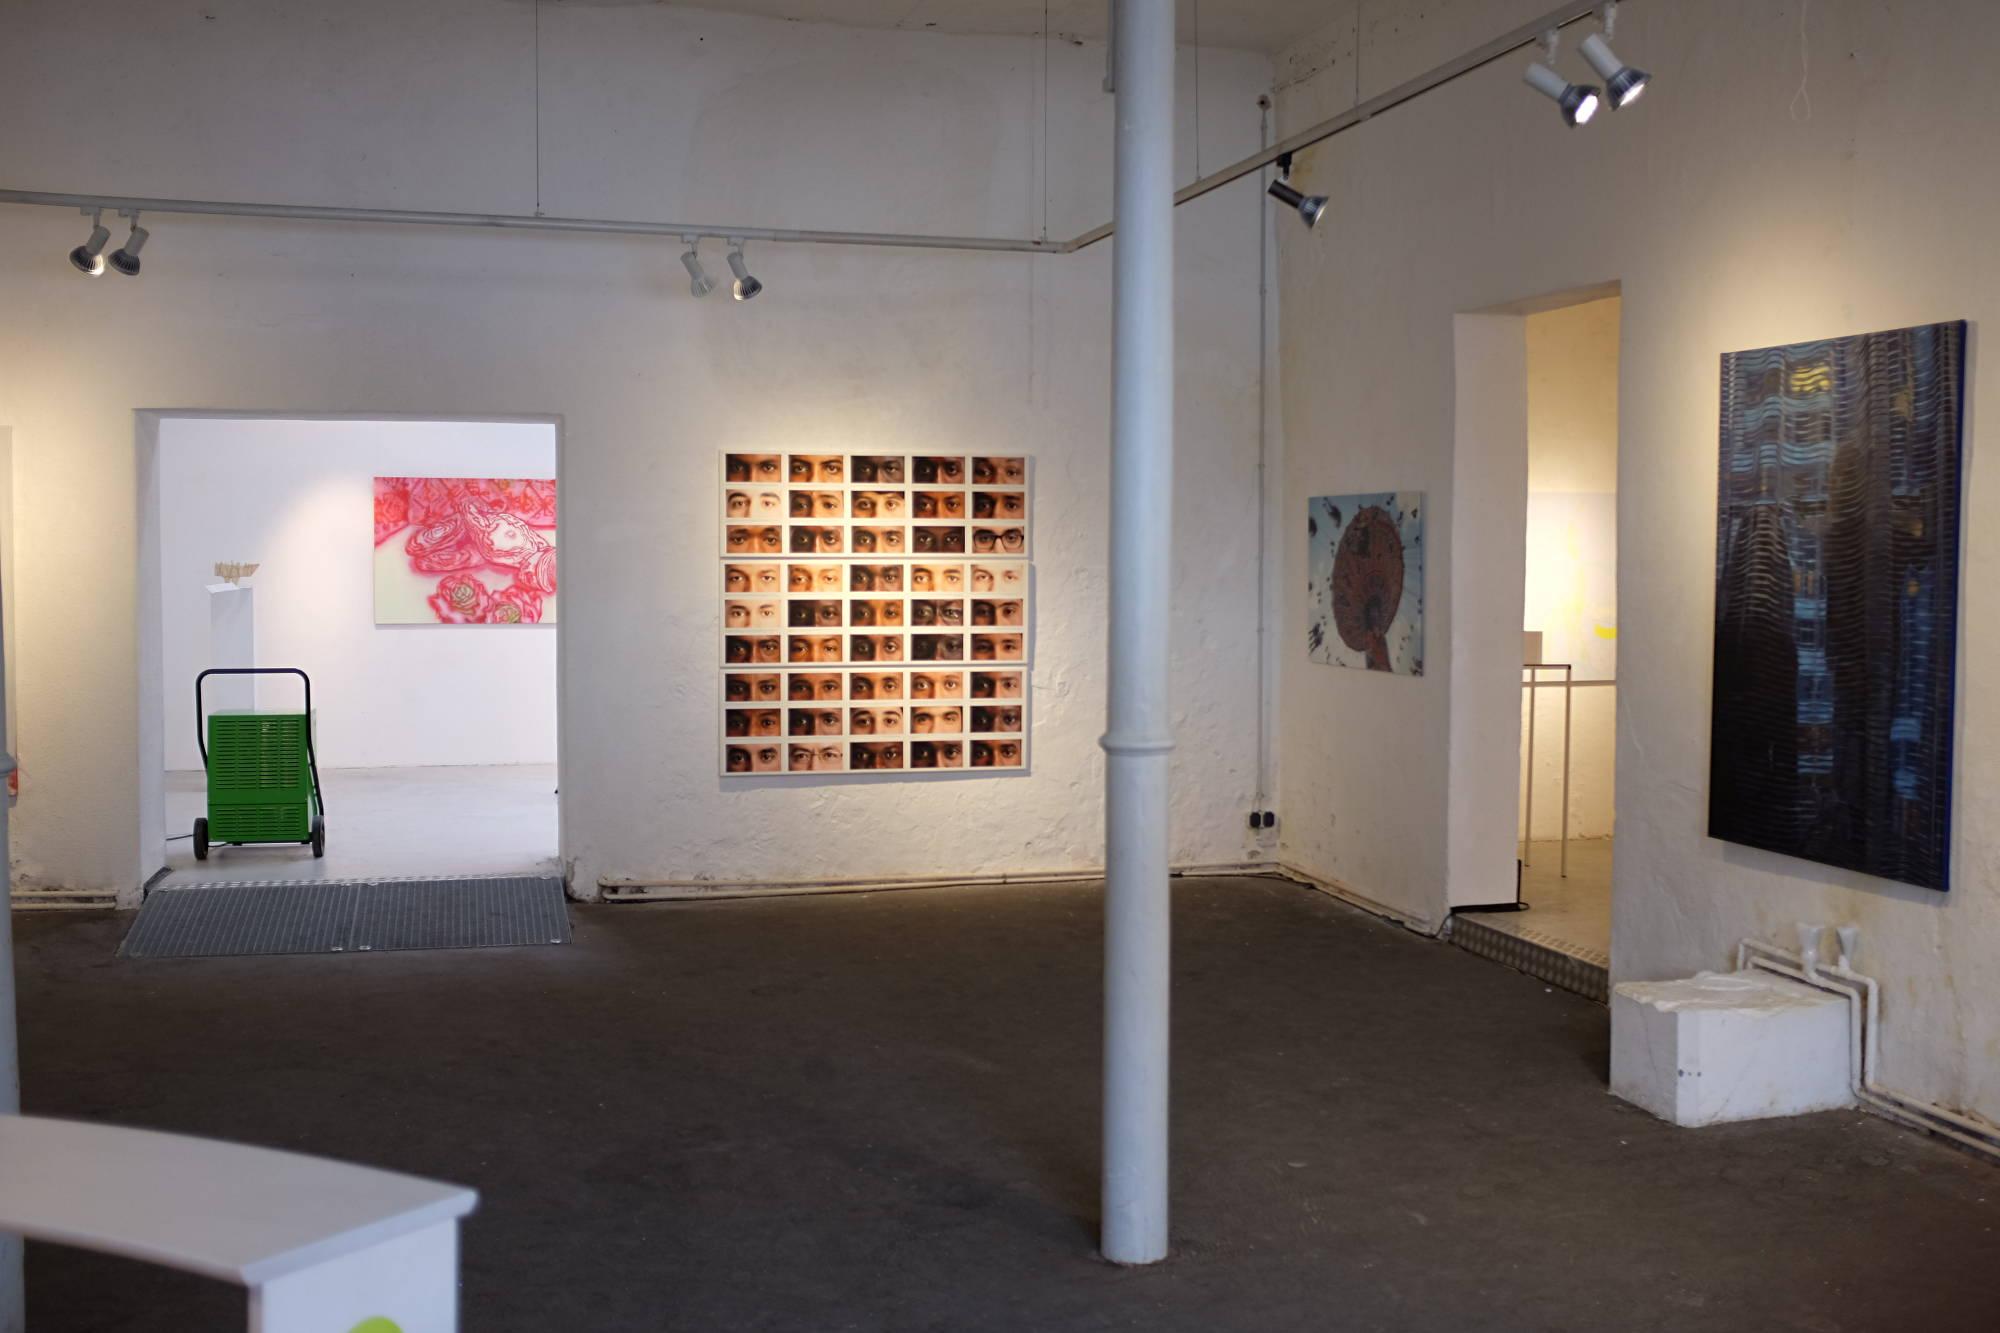 3 Wochen vor der Ausstellung in Ebersberg